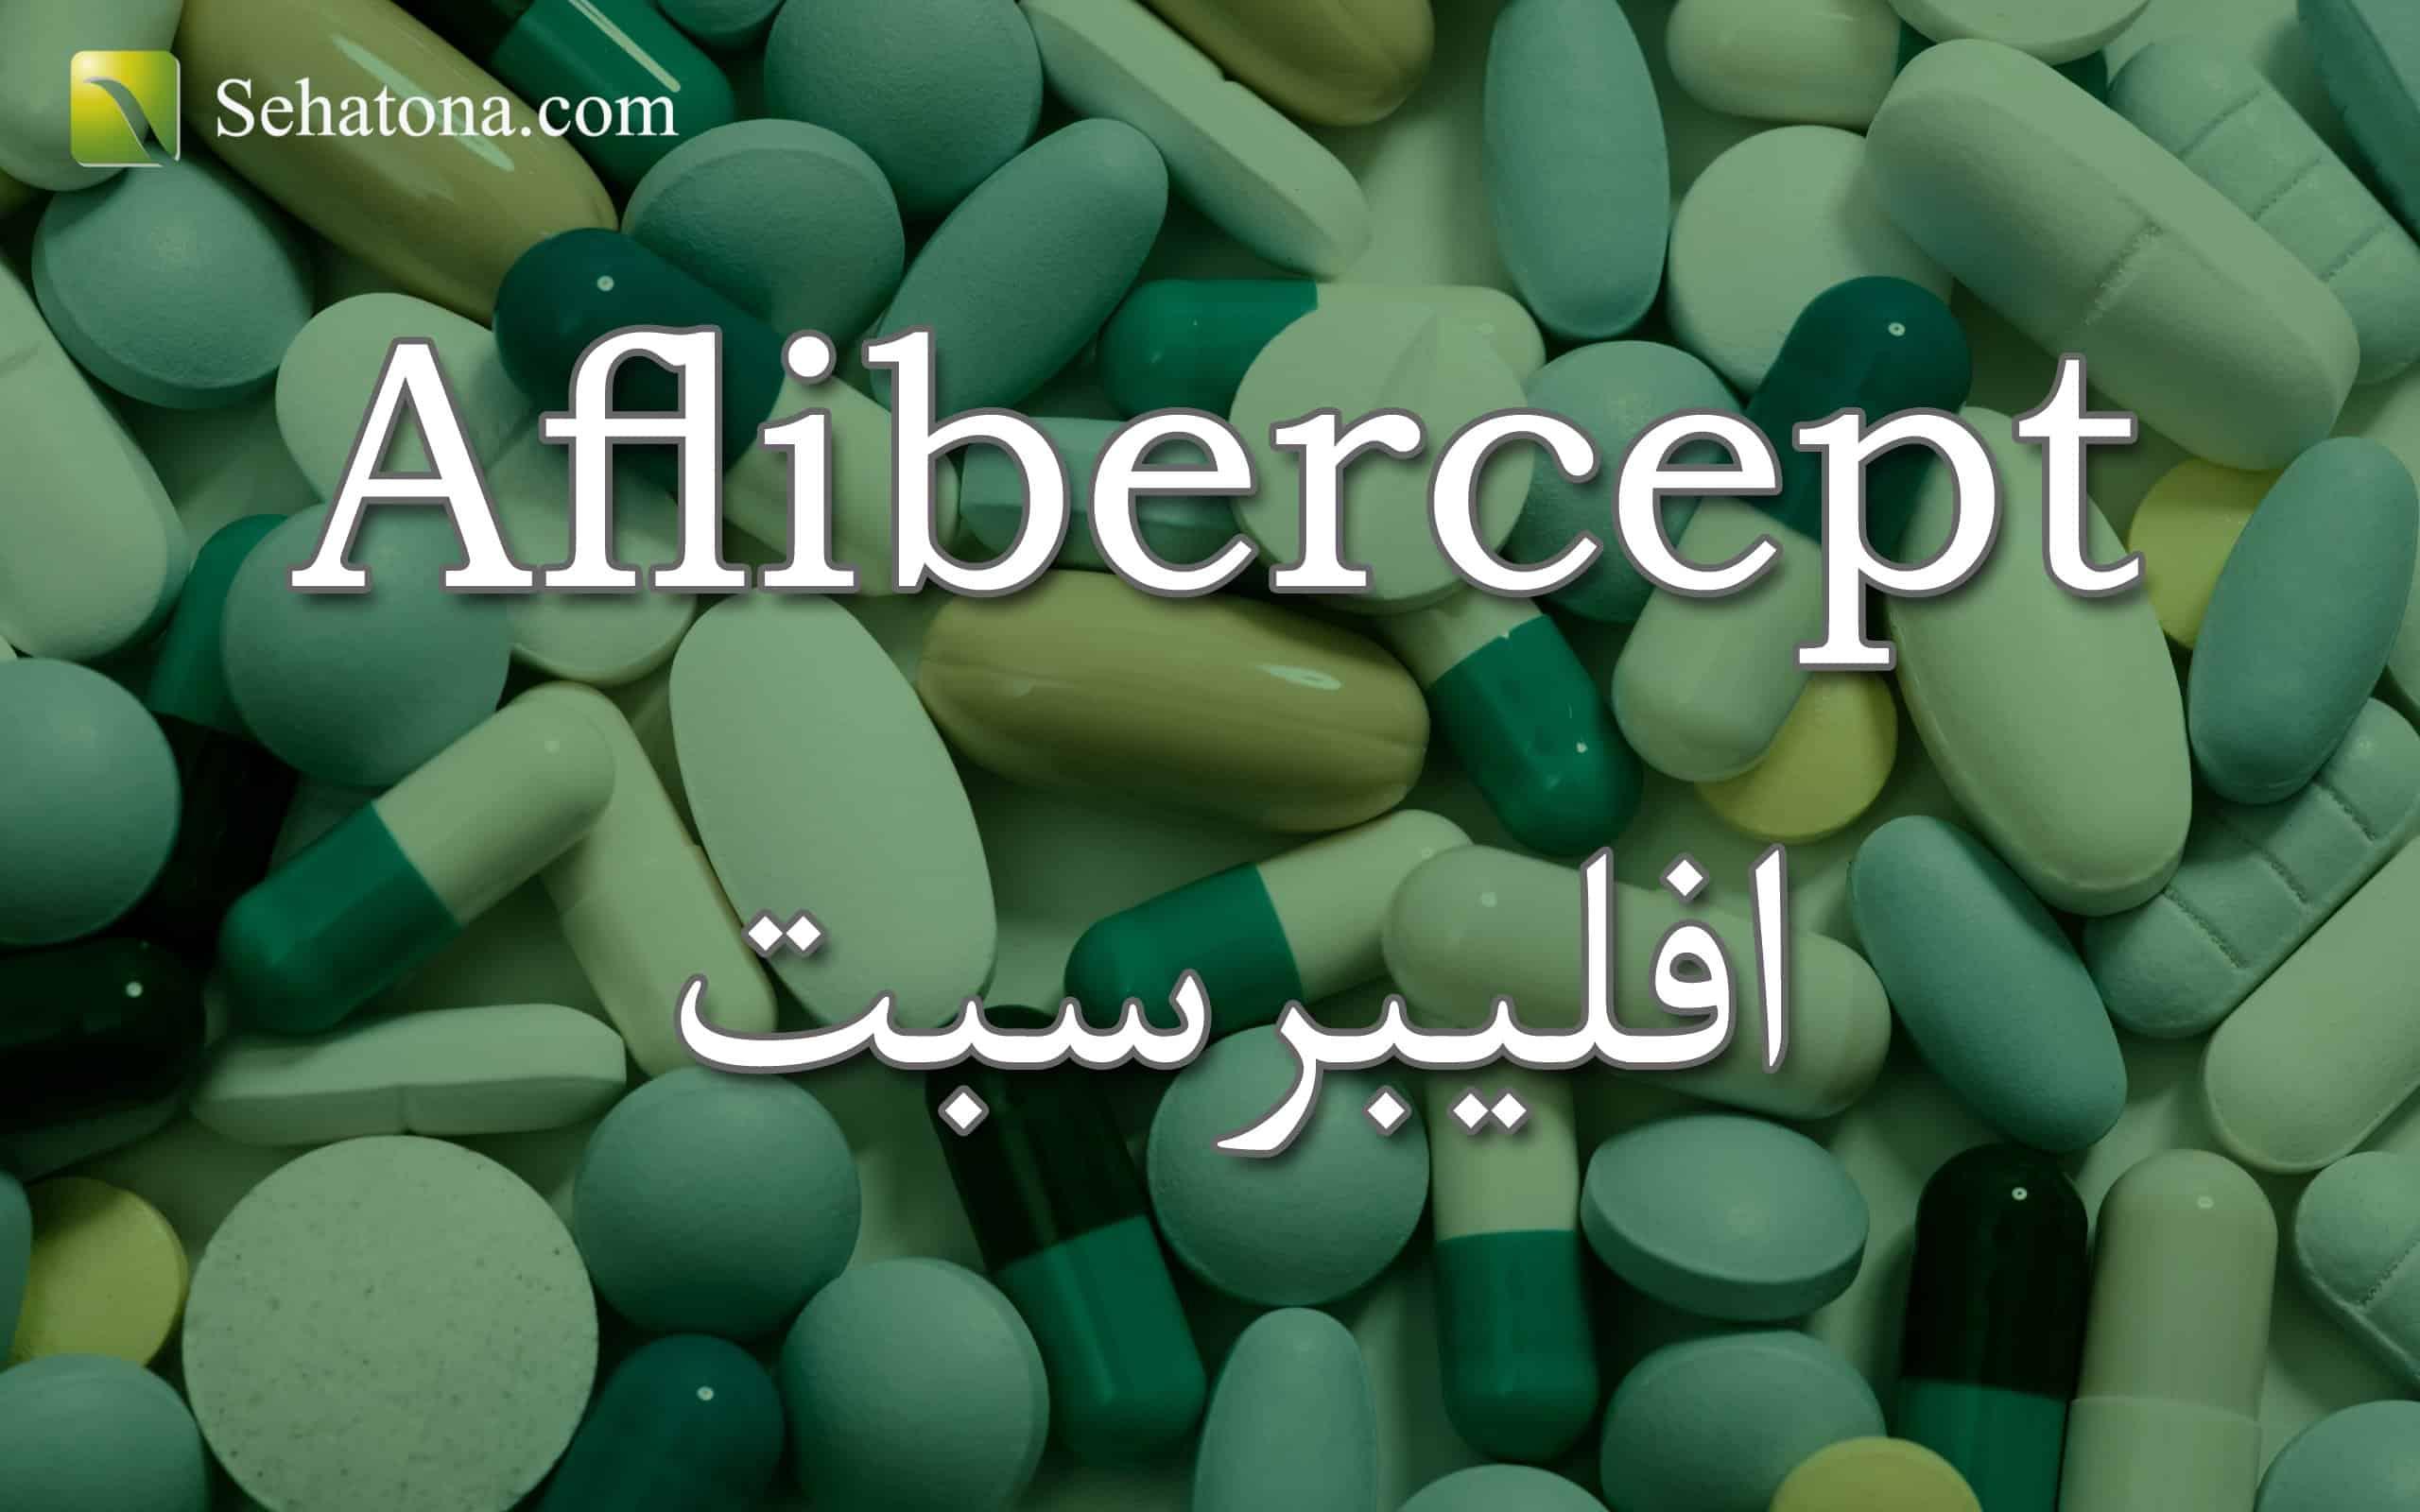 Aflibercept